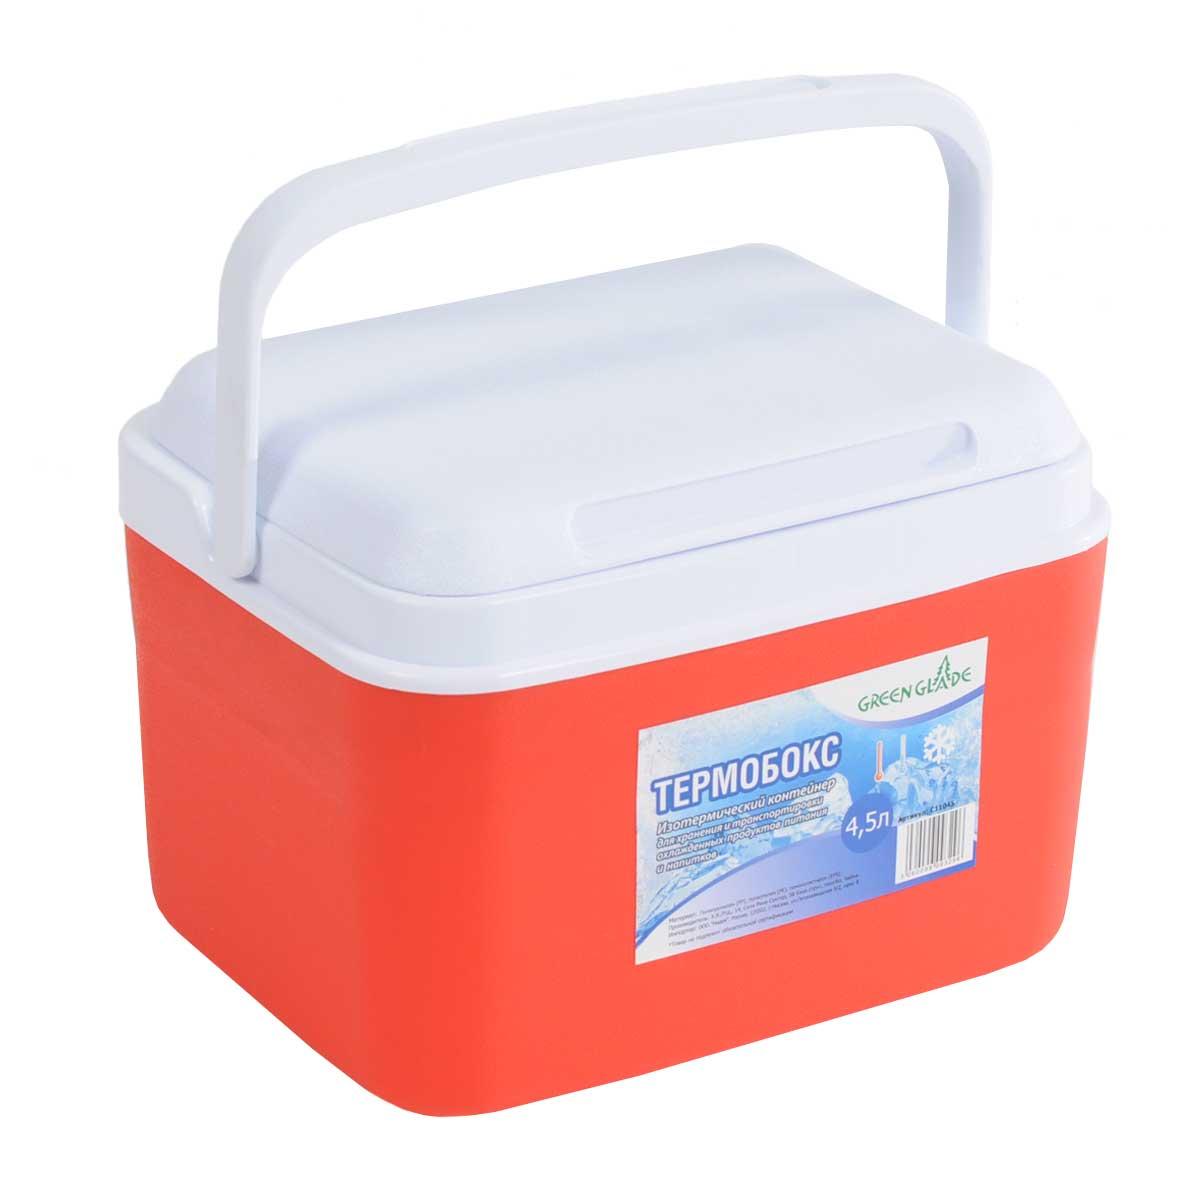 Контейнер изотермический Green Glade, цвет: красный, 4,5 л6.295-875.0Легкий и прочный изотермический контейнер Green Glade предназначен для сохранения определенной температуры продуктов во время длительных поездок. Корпус и крышка контейнера изготовлены из высококачественного полистирола. Между двойными стенками находится термоизоляционный слой, который обеспечивает сохранение температуры. При использовании аккумулятора холода, контейнер обеспечивает сохранение продуктов холодными на 8-10 часов. Подвижная ручка делает более удобной переноску контейнера. Крышка может использоваться как столик или как поднос. Объем контейнера: 4,5 л.Размер контейнера: 26 см х 19 см х20 см.